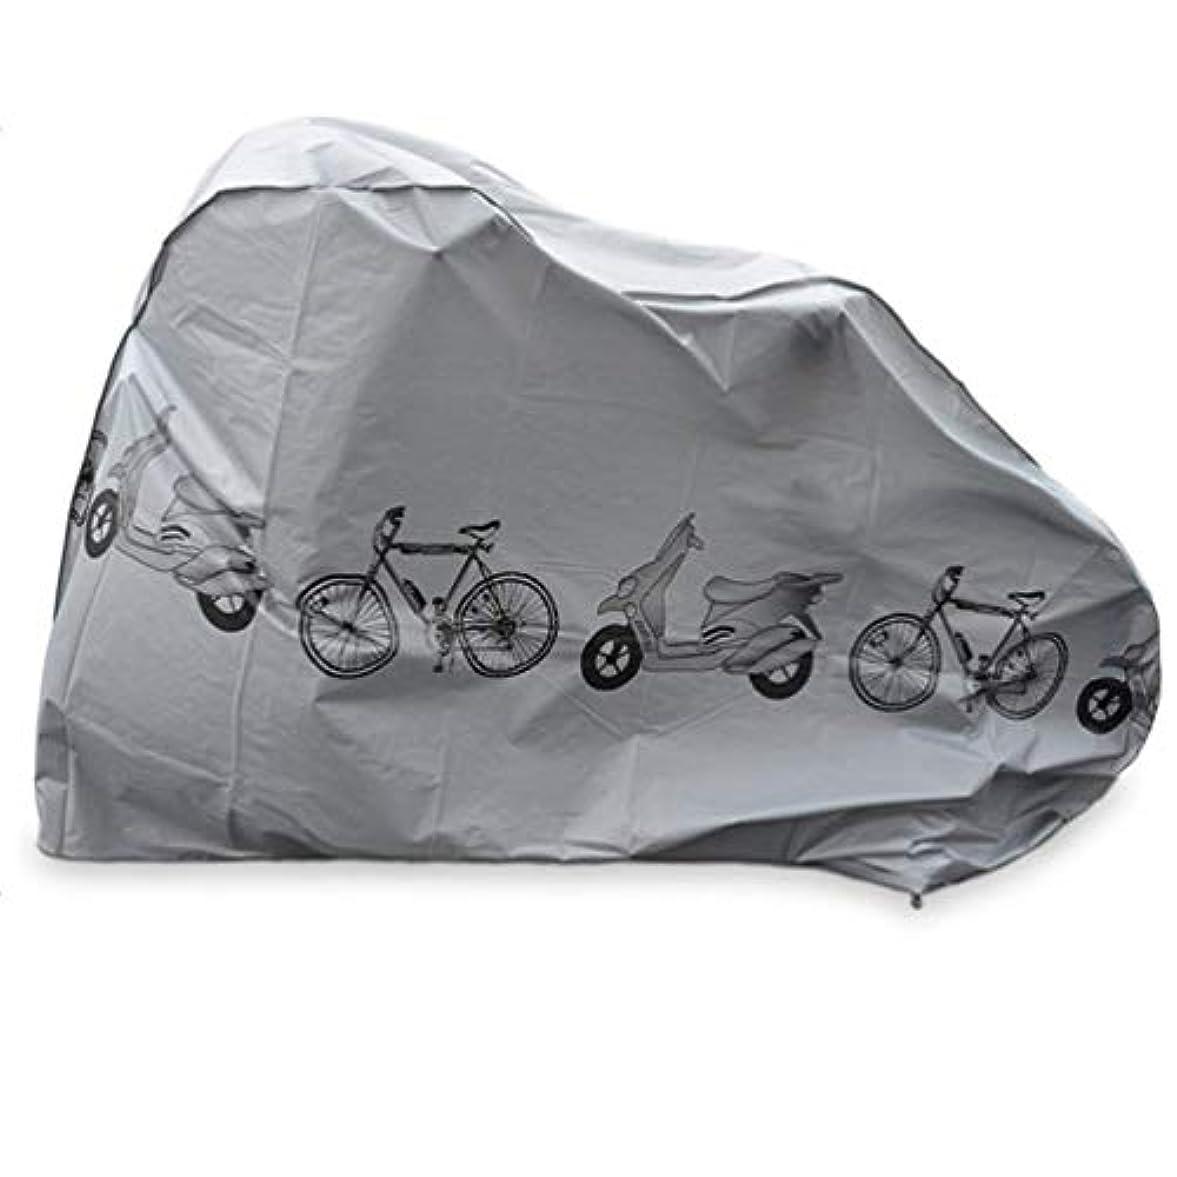 ユーザーどれリンク自転車カバー サイクルカバー 大型 丈夫 耐熱 厚手 撥水 防風 防犯 UV カット 29インチまで対応 破れにくい ロードバイク マウンテンバイク 電動自転車 リアチャイルドシート装着車にも シルバー